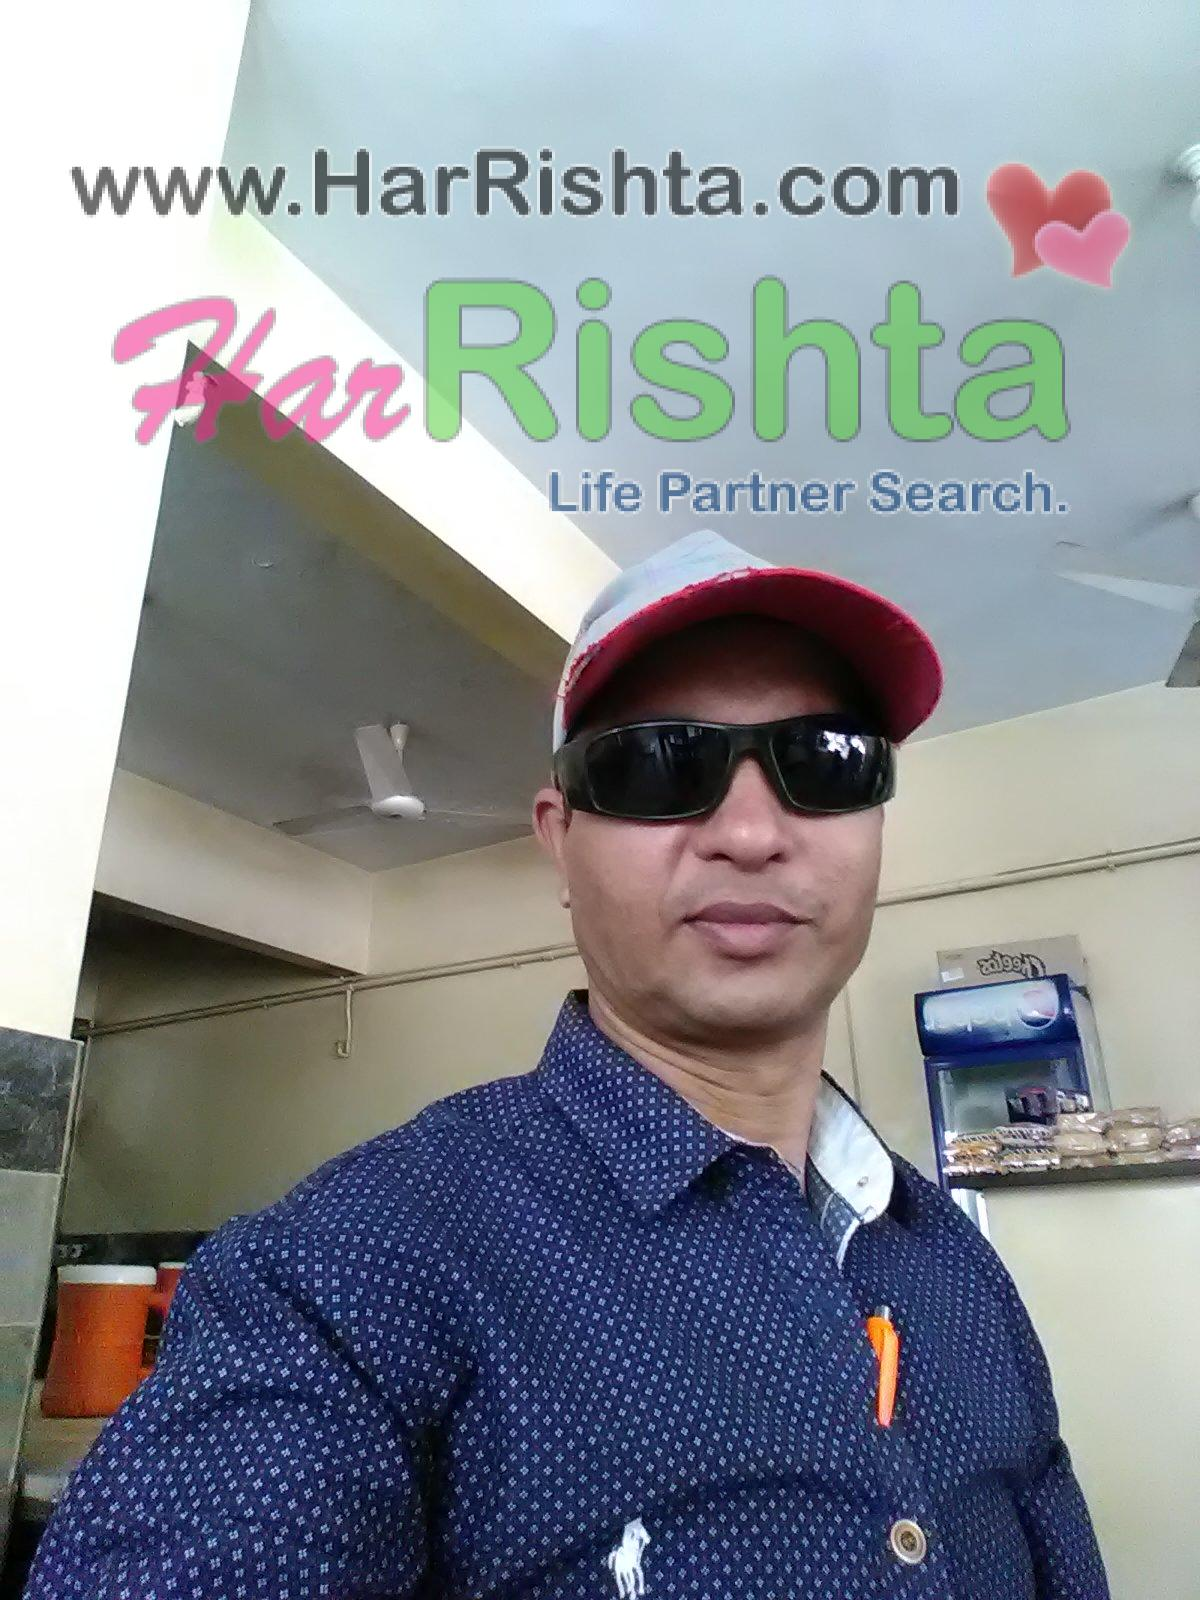 Sheikh Boy Rishta in Karachi